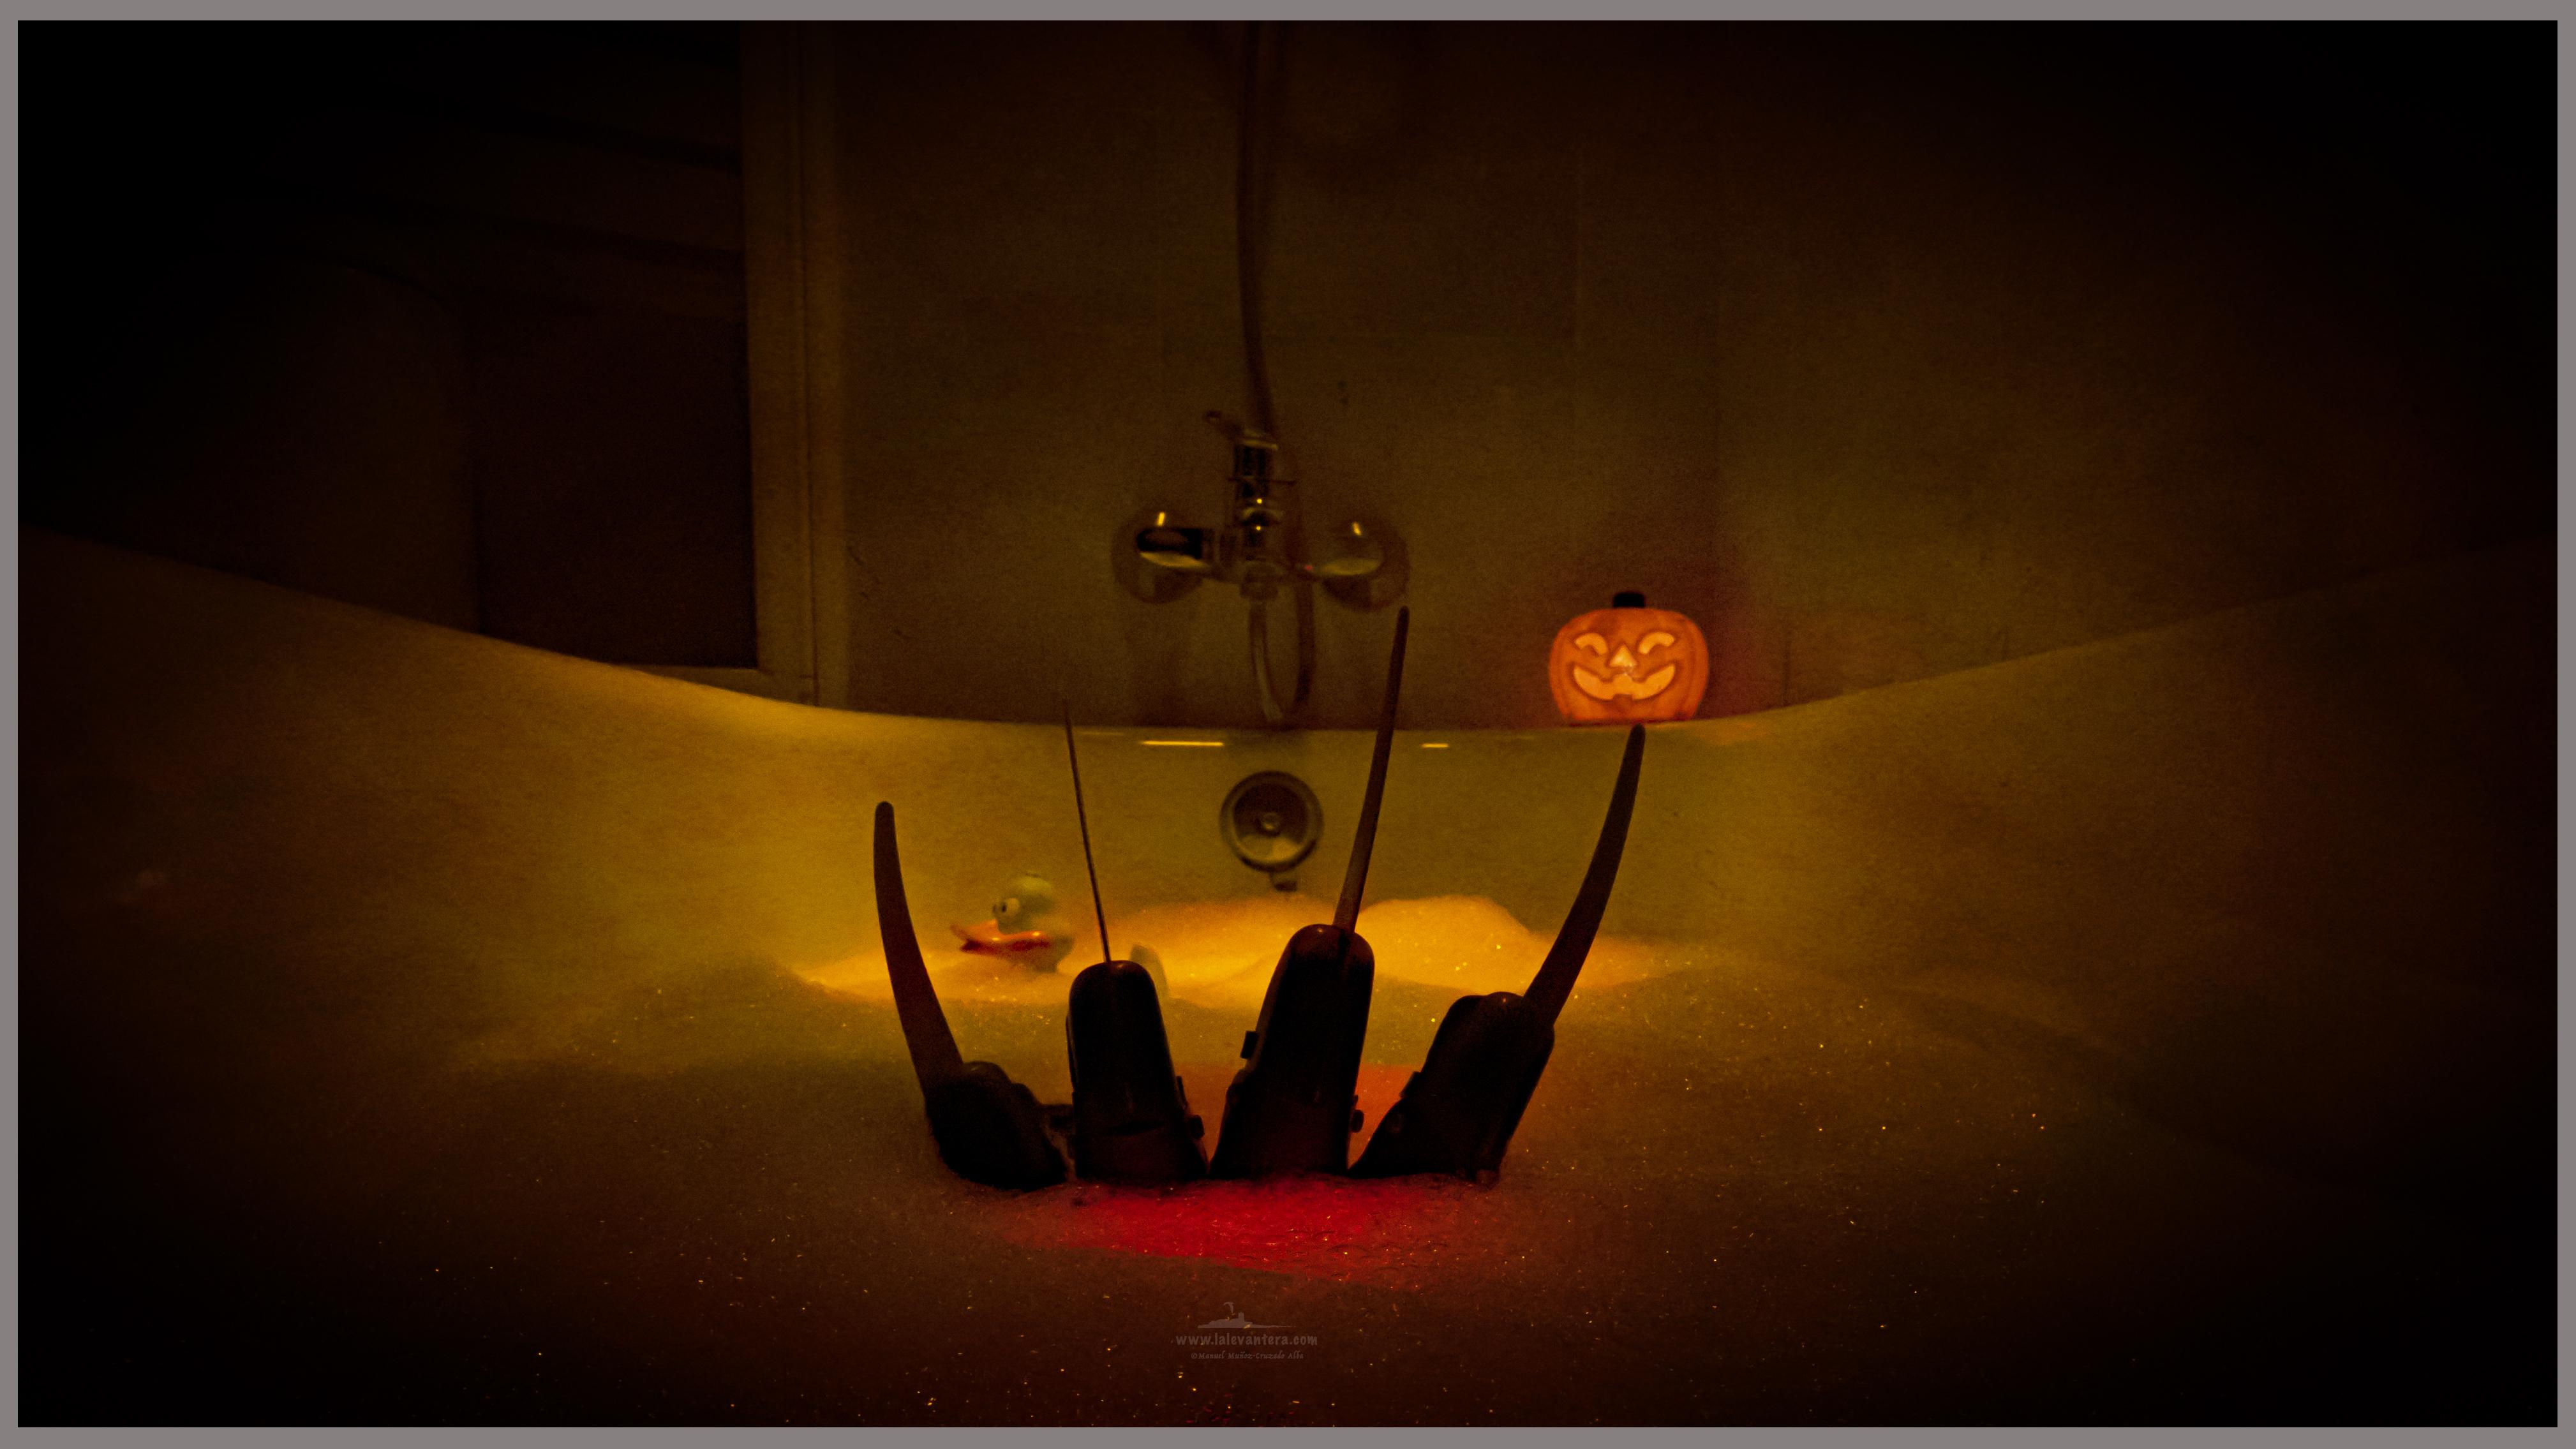 Halloween no es un juego de niños (Continuación)